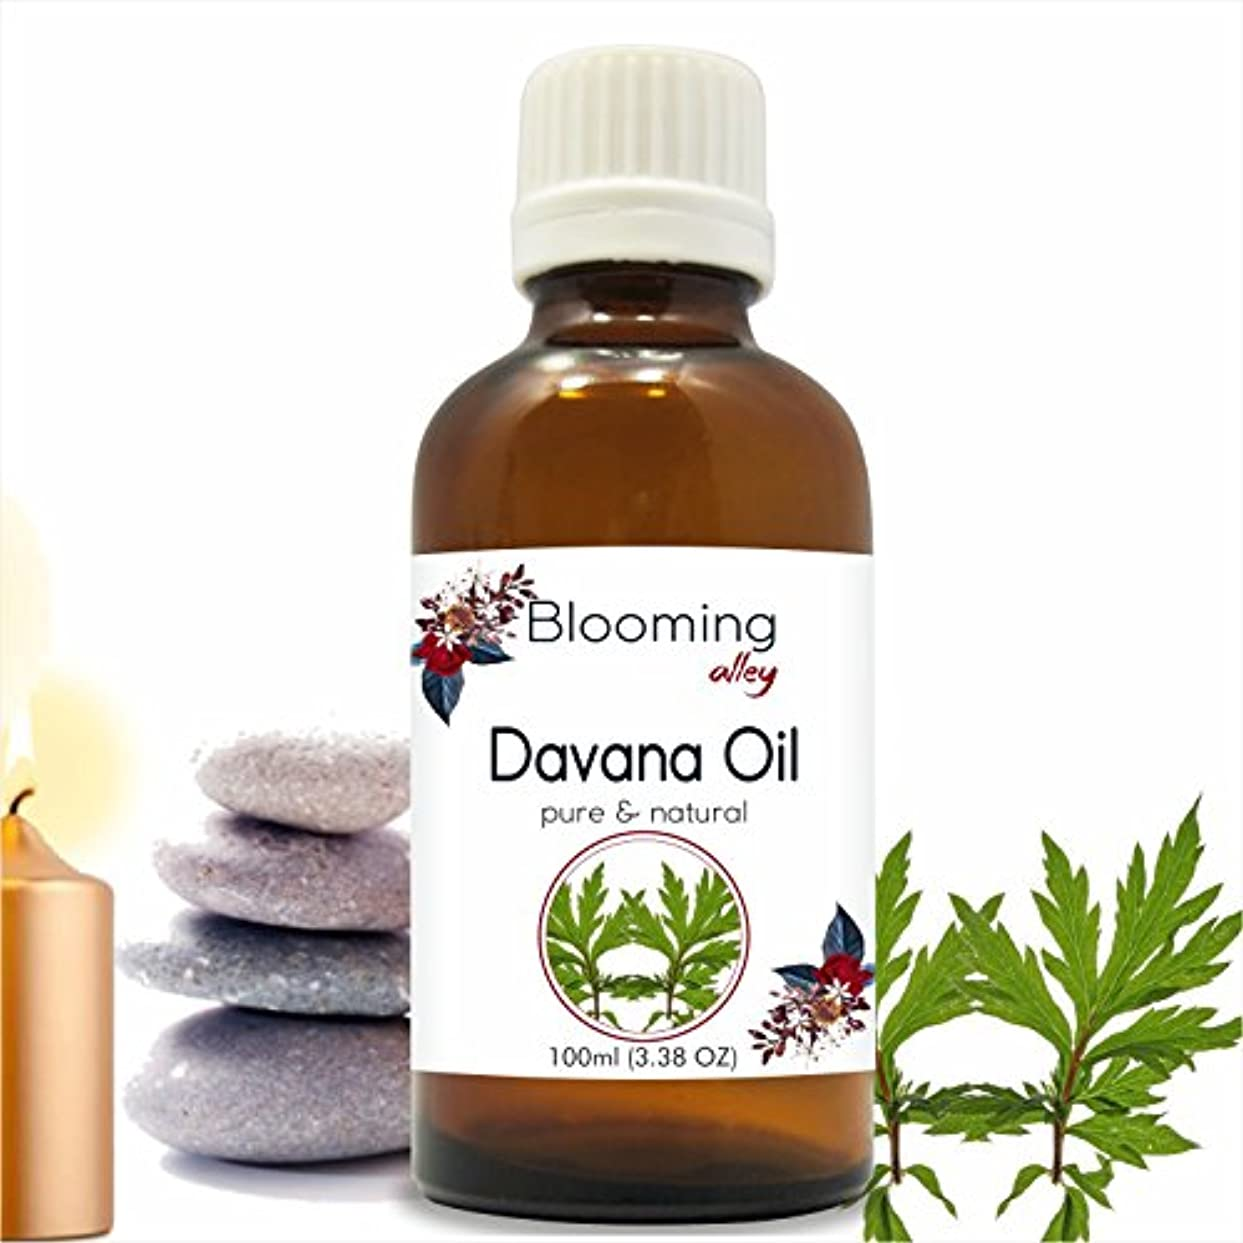 無線欠陥主張Davana Oil(Artemisia Pallens) Essential Oil 100 ml or 3.38 Fl Oz by Blooming Alley